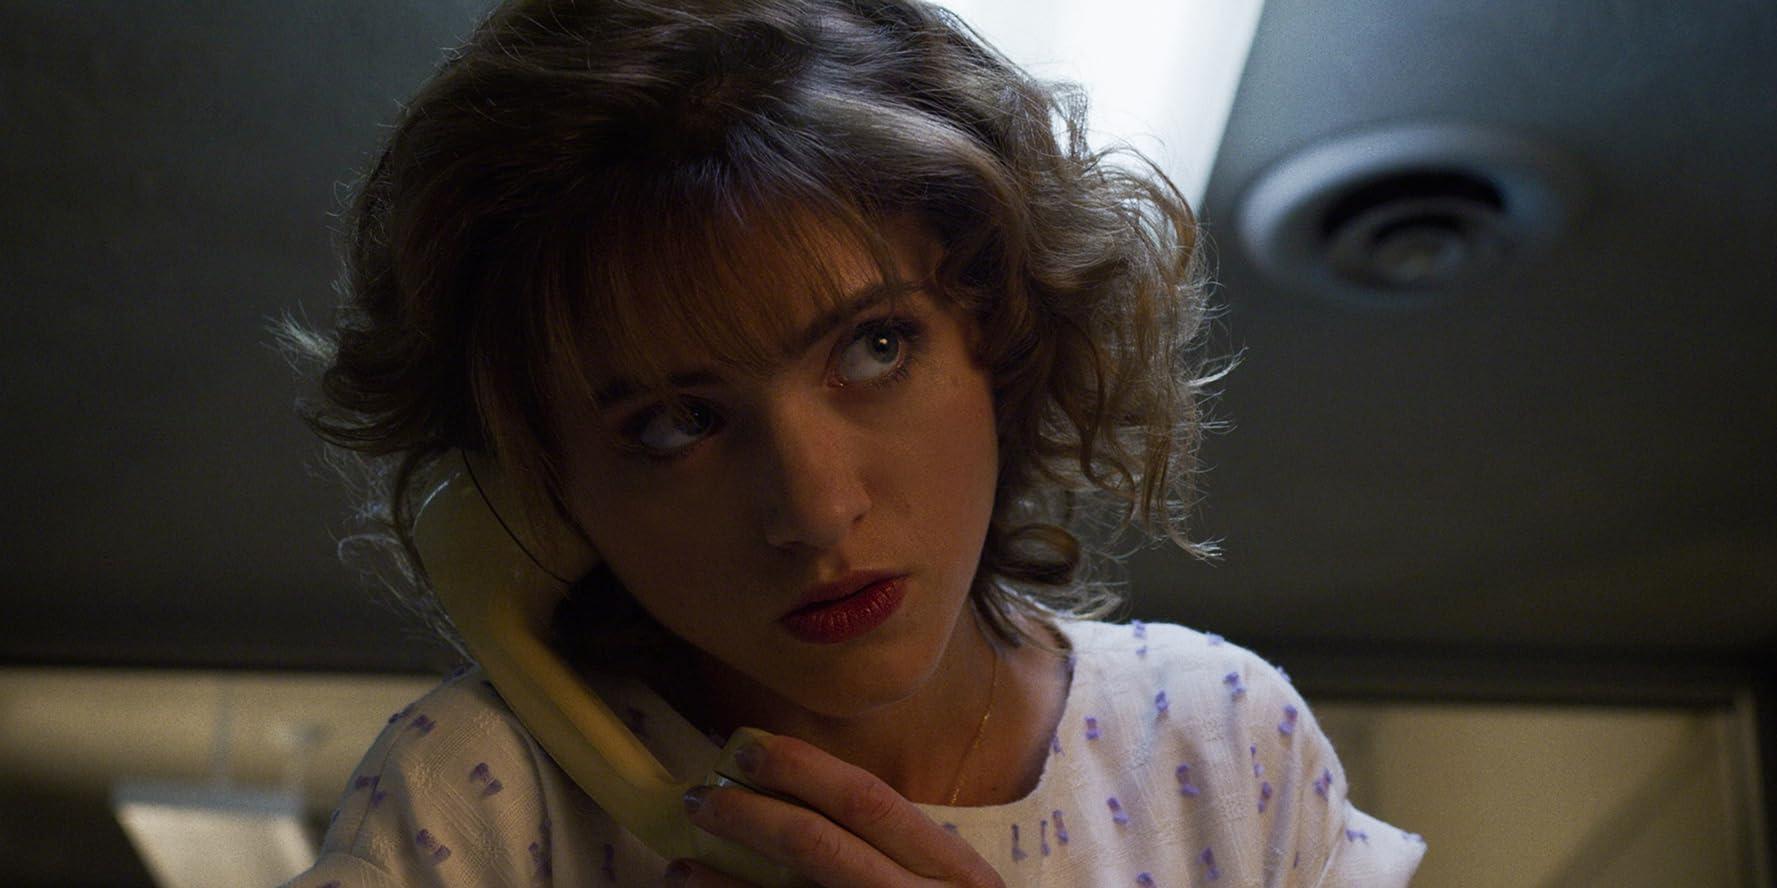 Natalia Dyer in Stranger Things (2016)